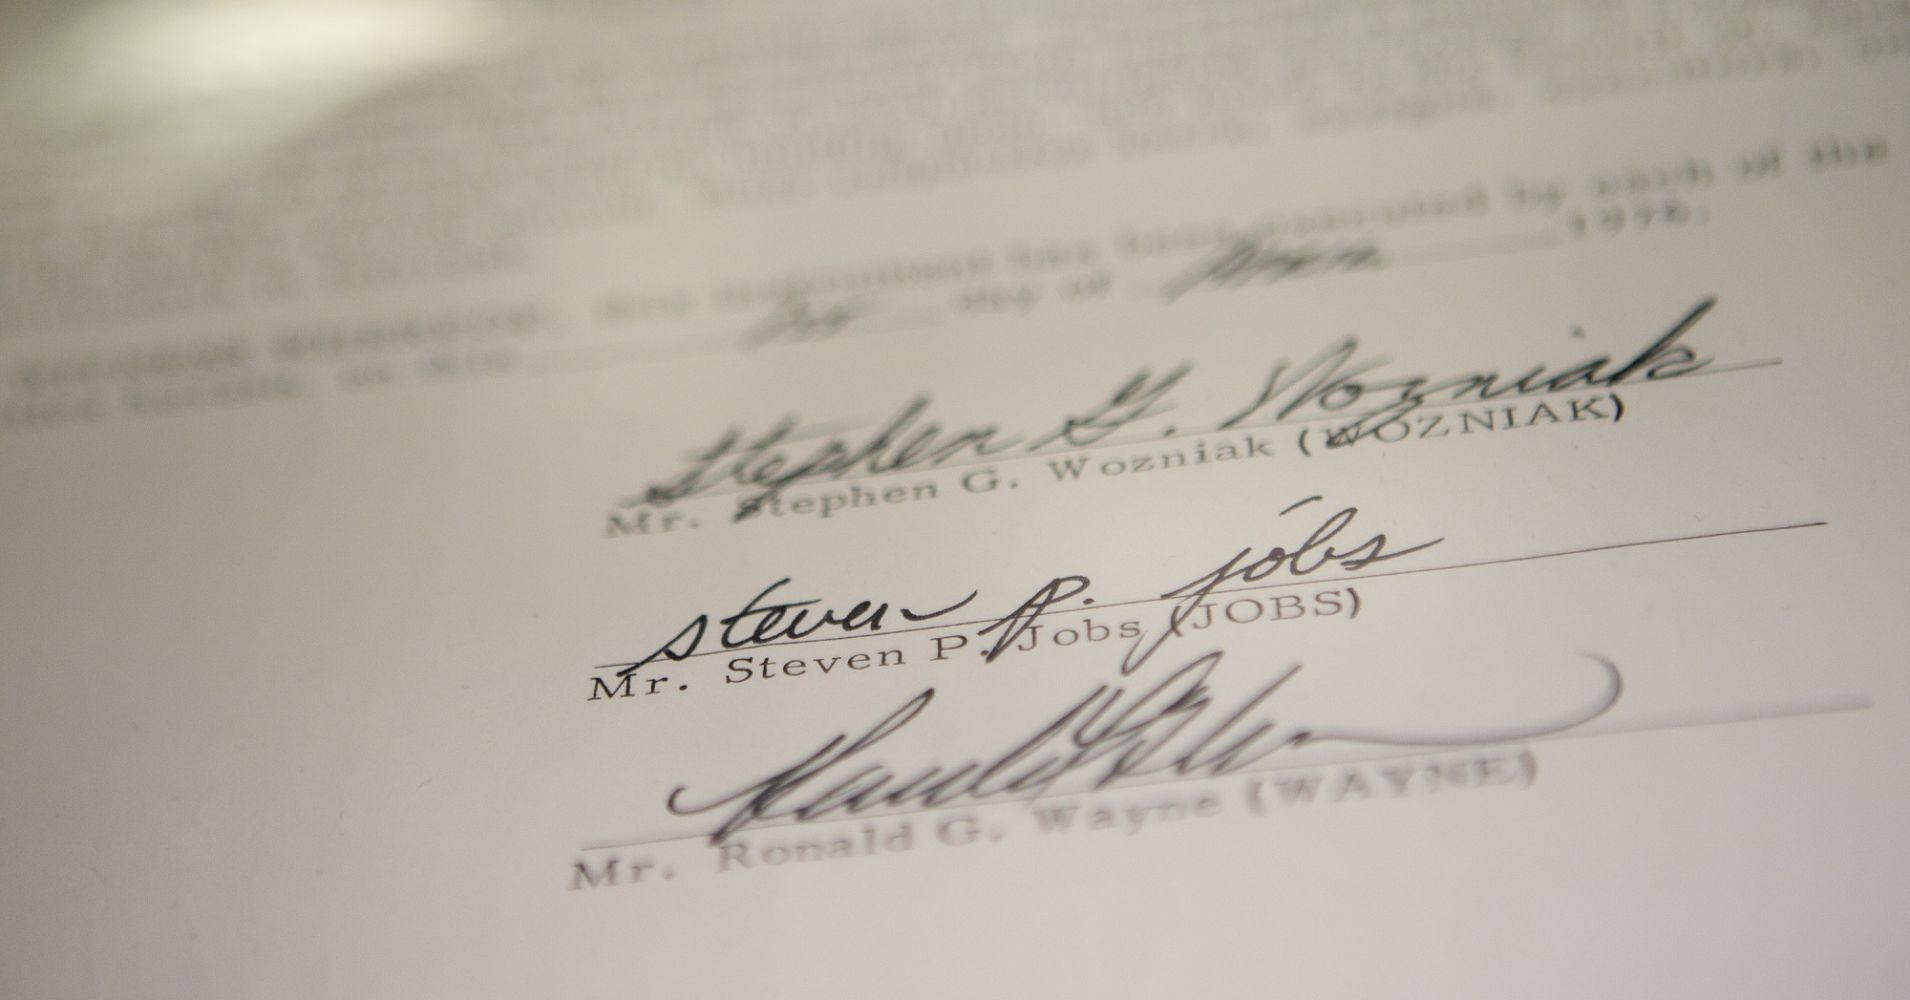 podpis steve jobs steve wozniak ronald wayne na umowie spółki apple